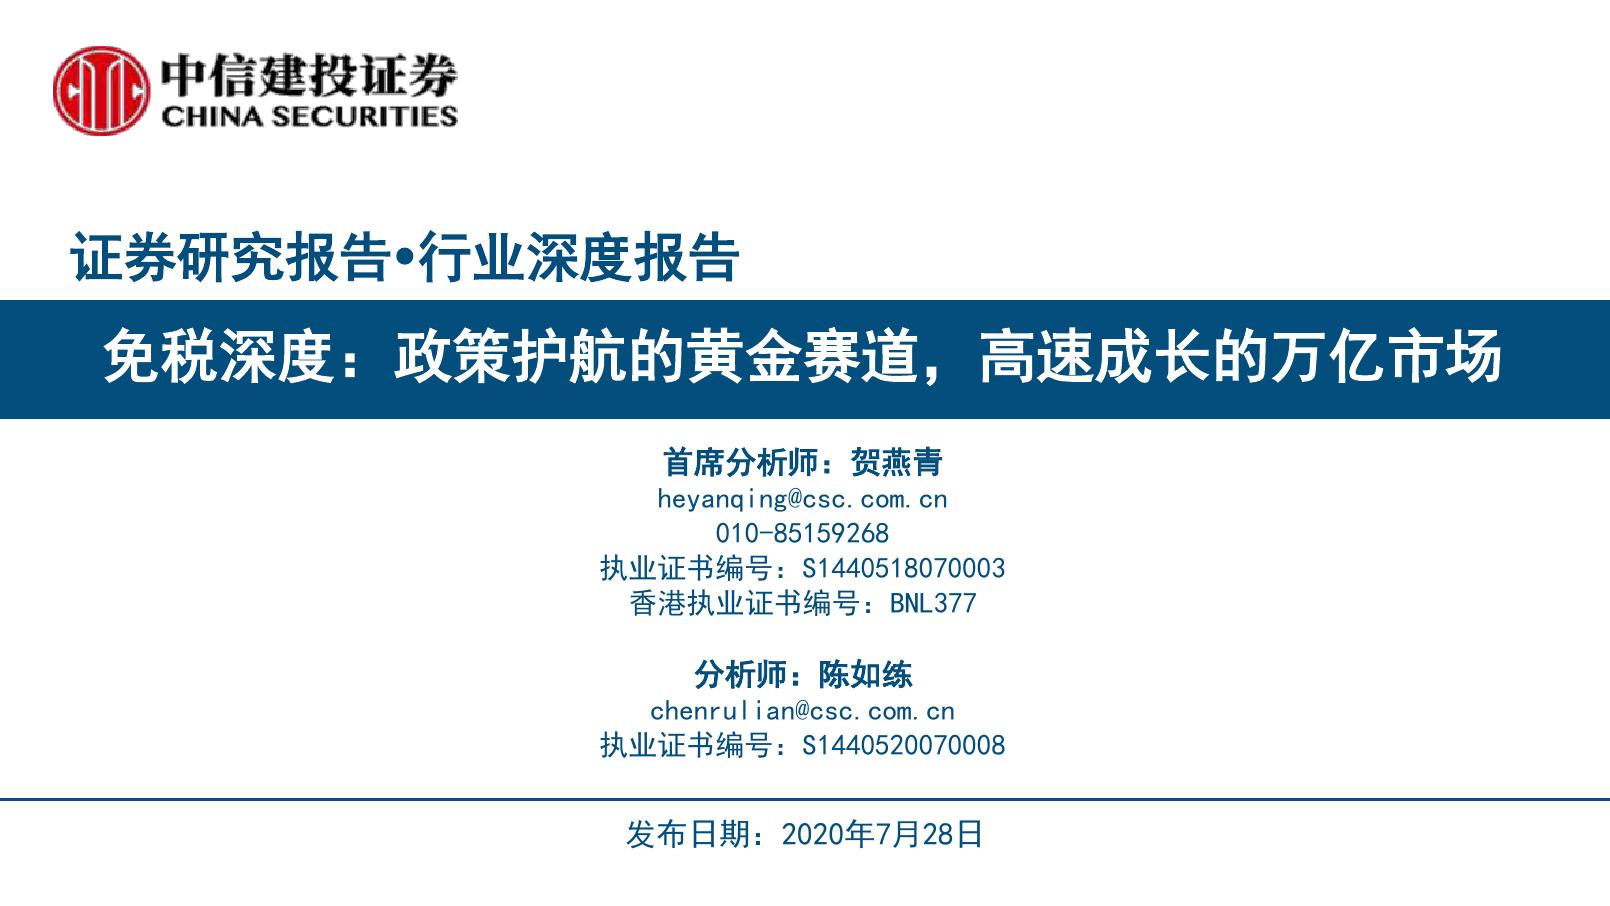 免税行业深度报告:政策护航的黄金赛道,高速成长的万亿市场(附下载)